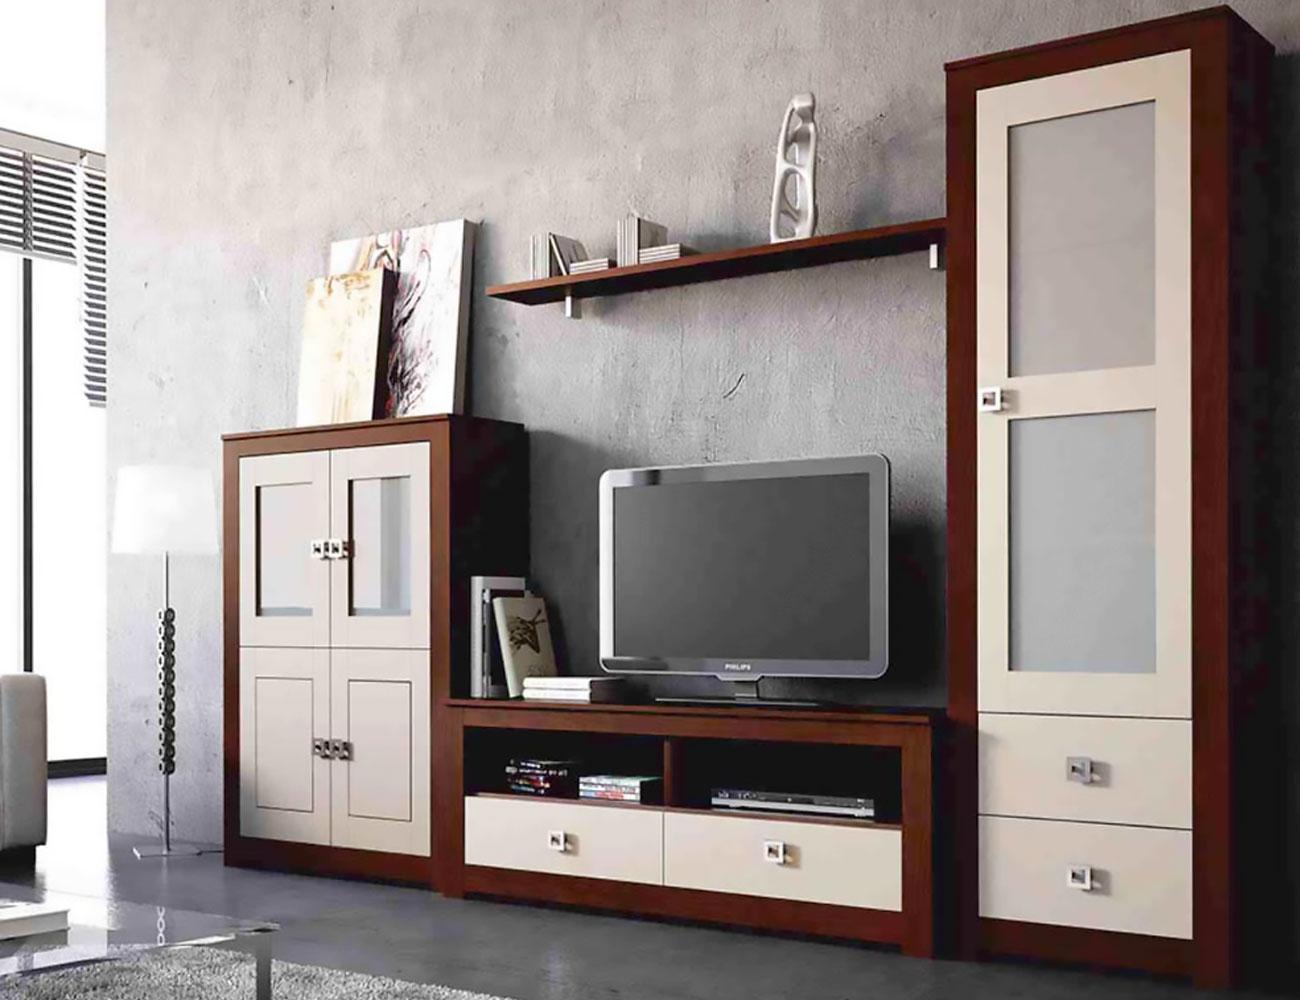 Muebles de dormitorio de matrimonio color blanco roto con - Muebles color nogal ...